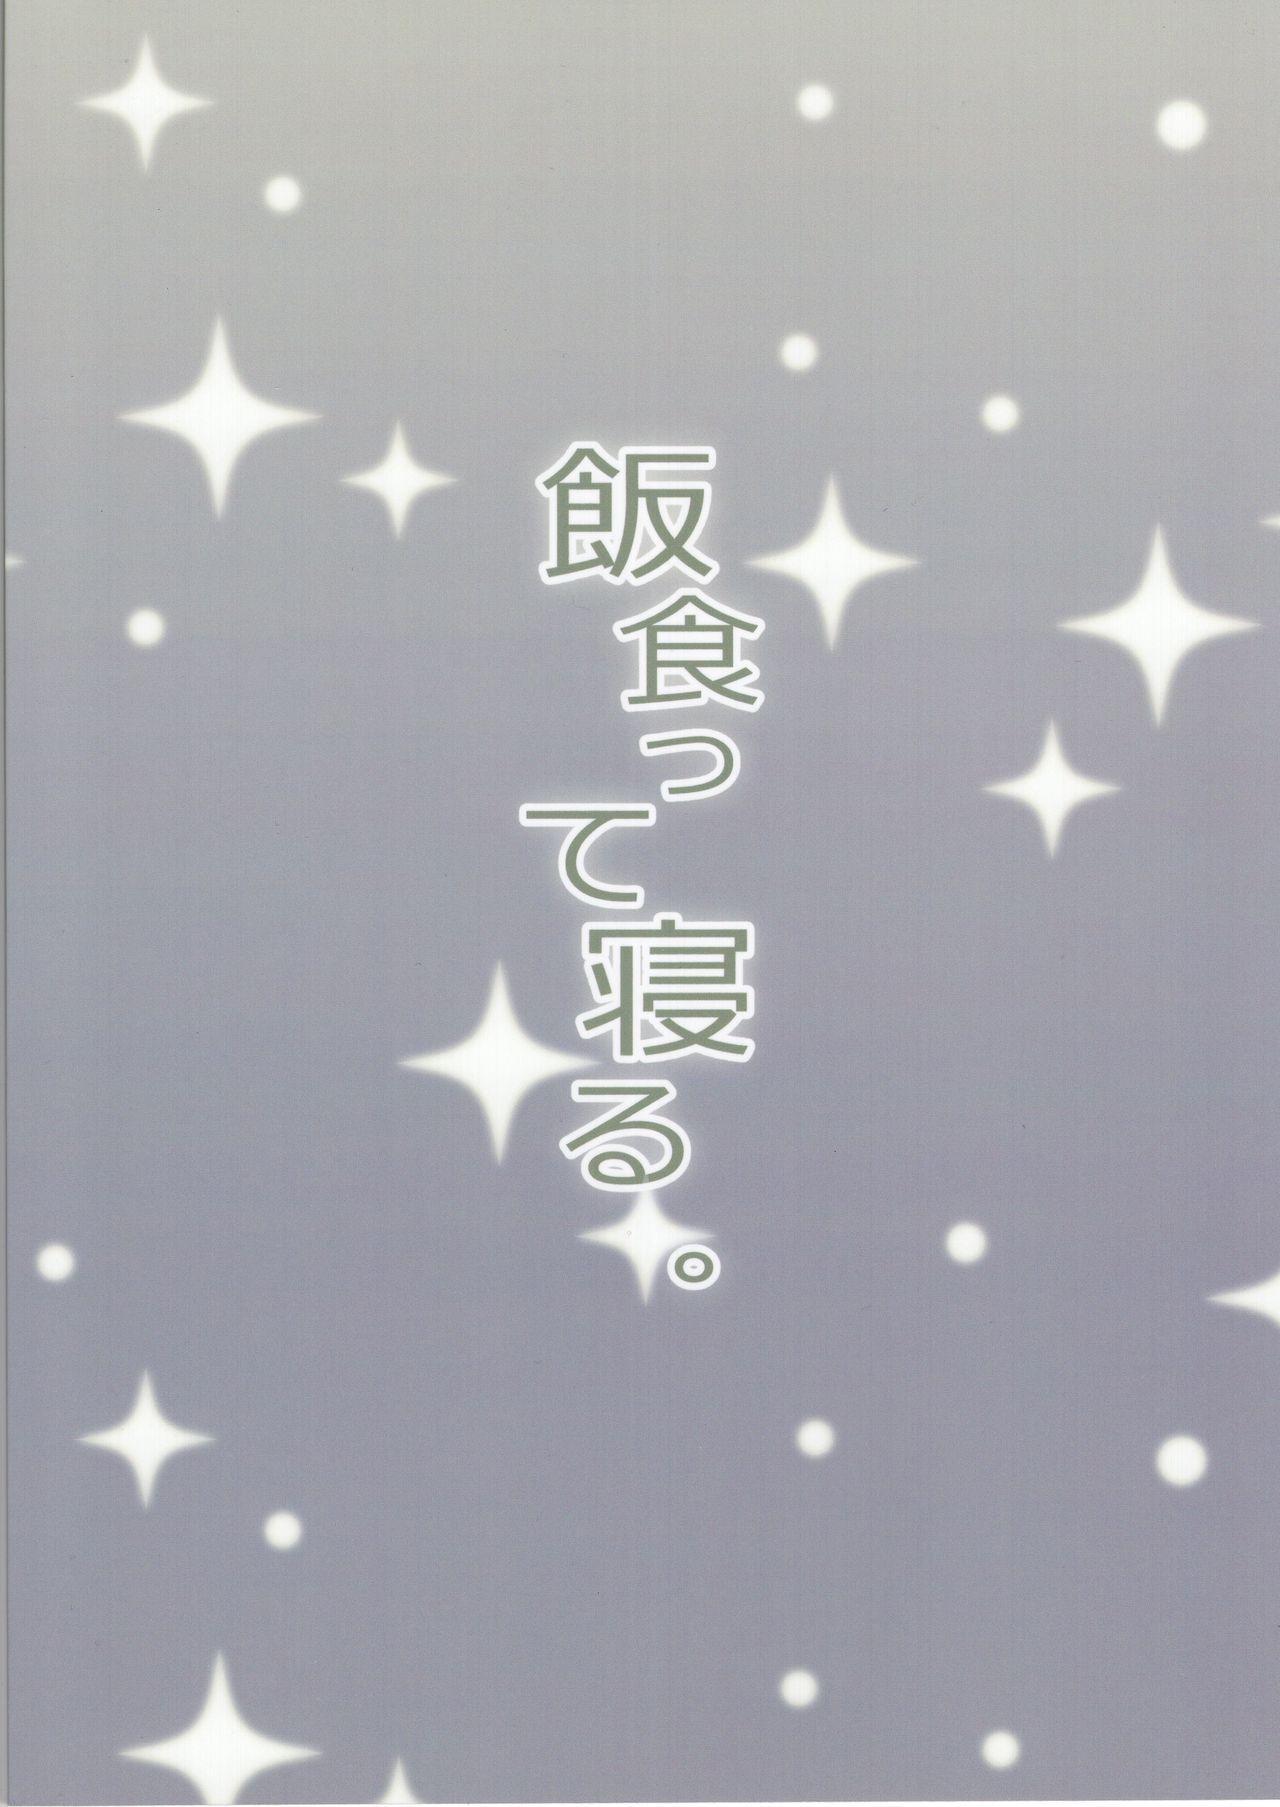 """Ore no Imouto ga Oji-san no """"Onaho"""" ni Naru to Iidashita!!   我的妹妹说要成为叔父的「花嫁」飞机杯!! 34"""